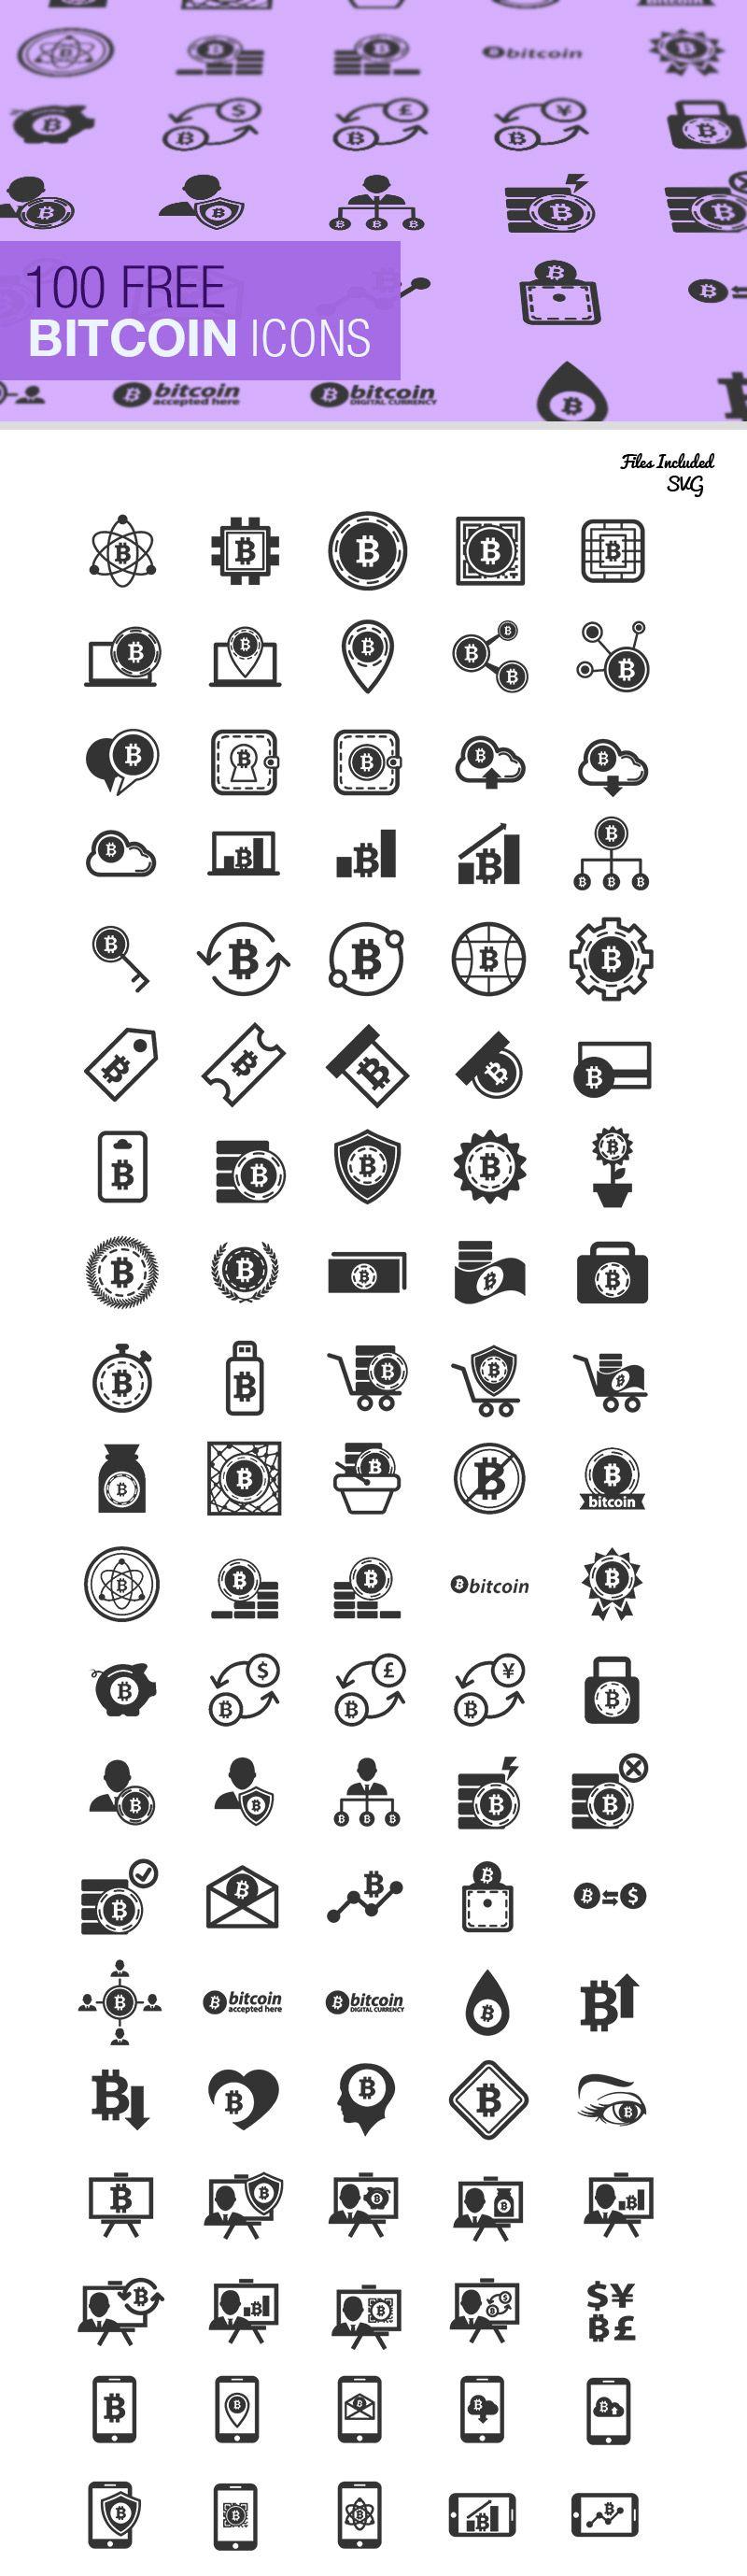 ボード「Bitcoin & Blockchain Infographics」のピン